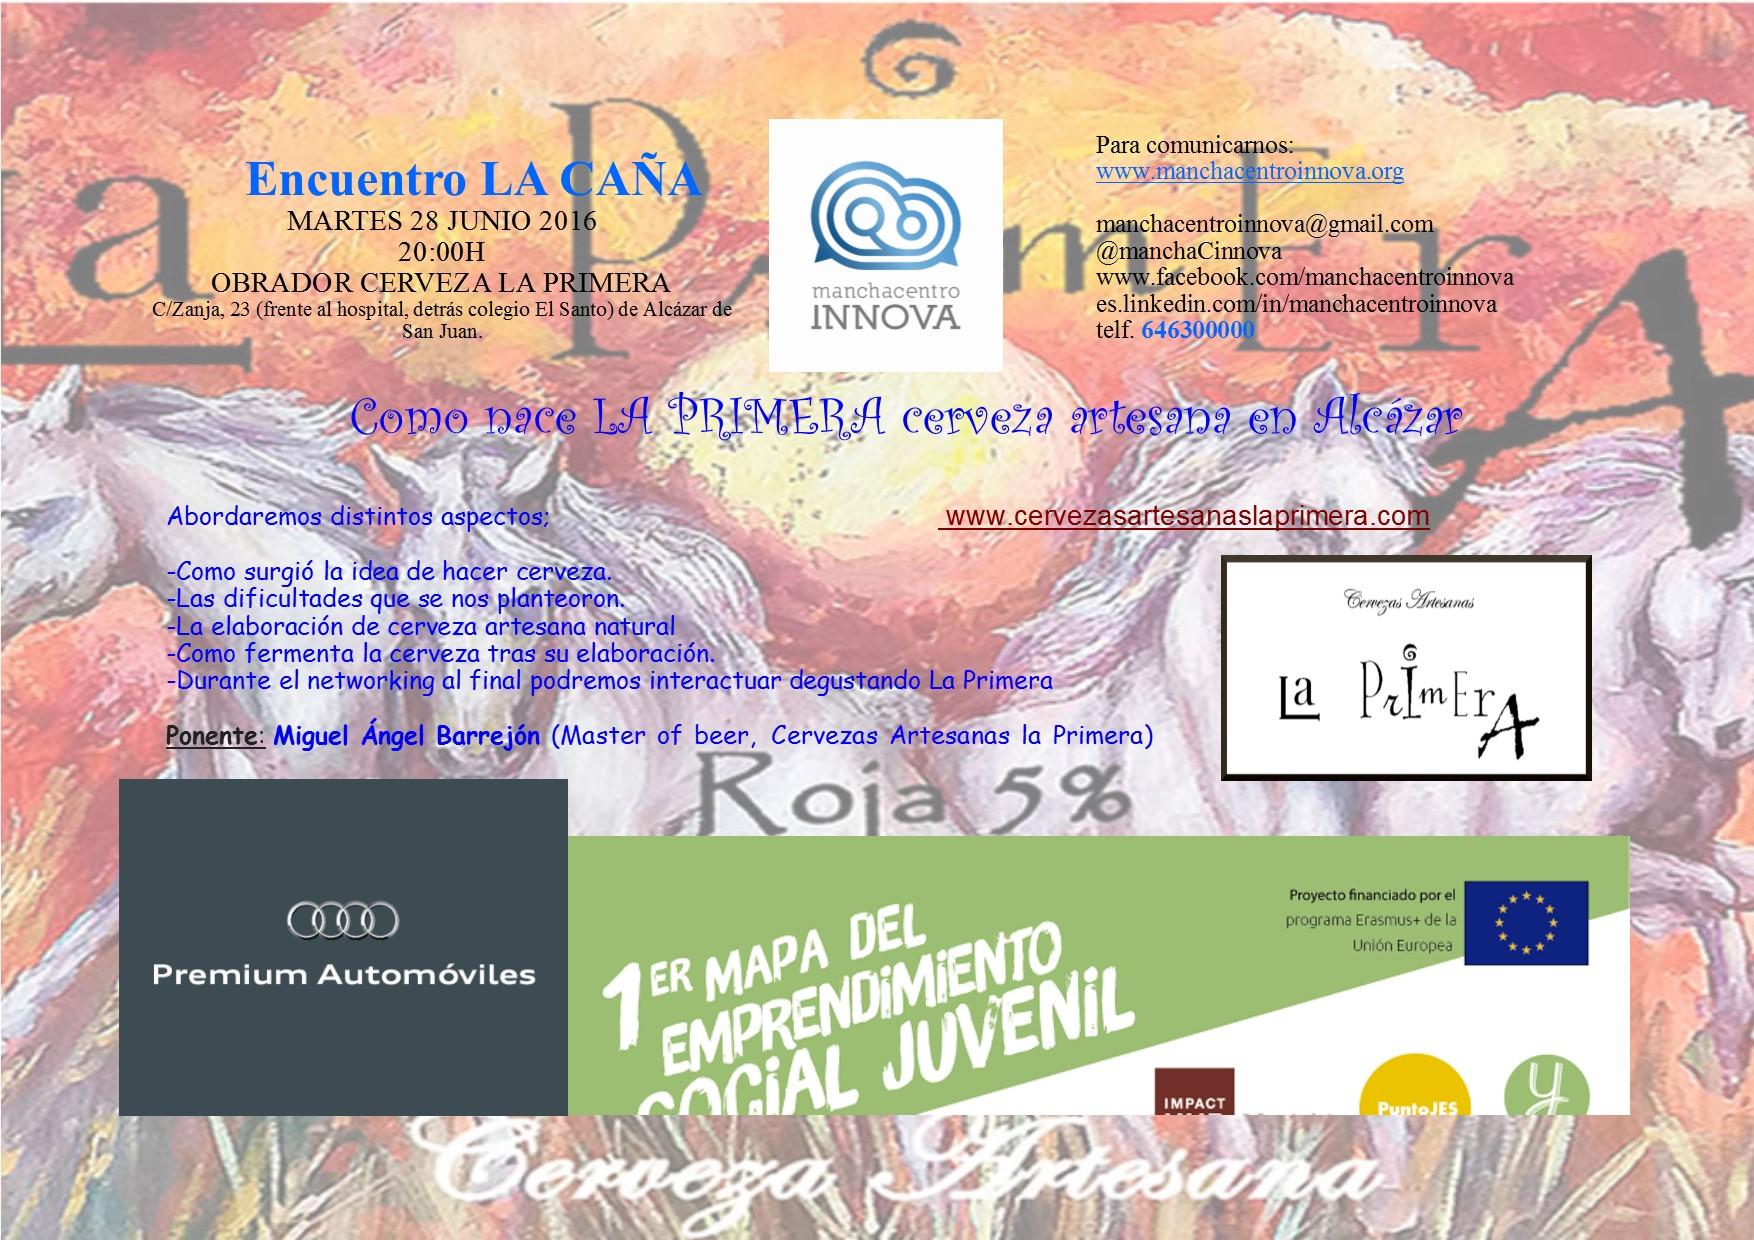 Encuentro Junio 2016 ManchaCentroInnova